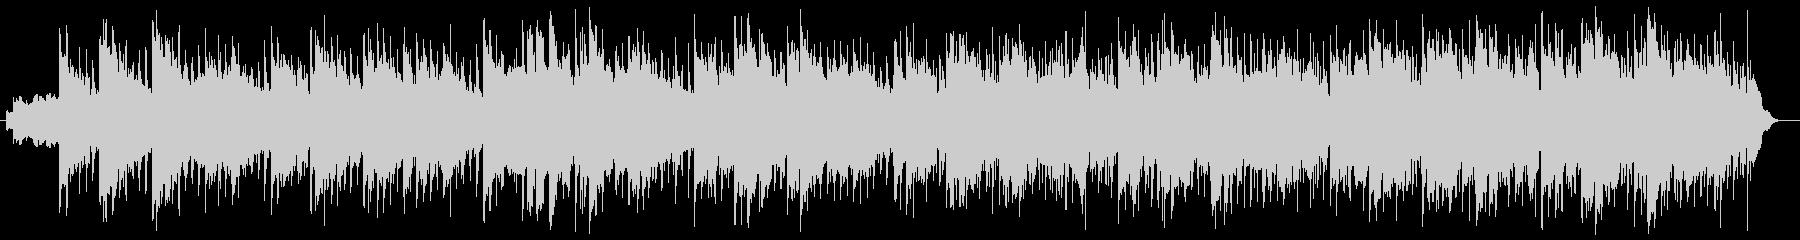 クールなインストルメンタルロックの未再生の波形